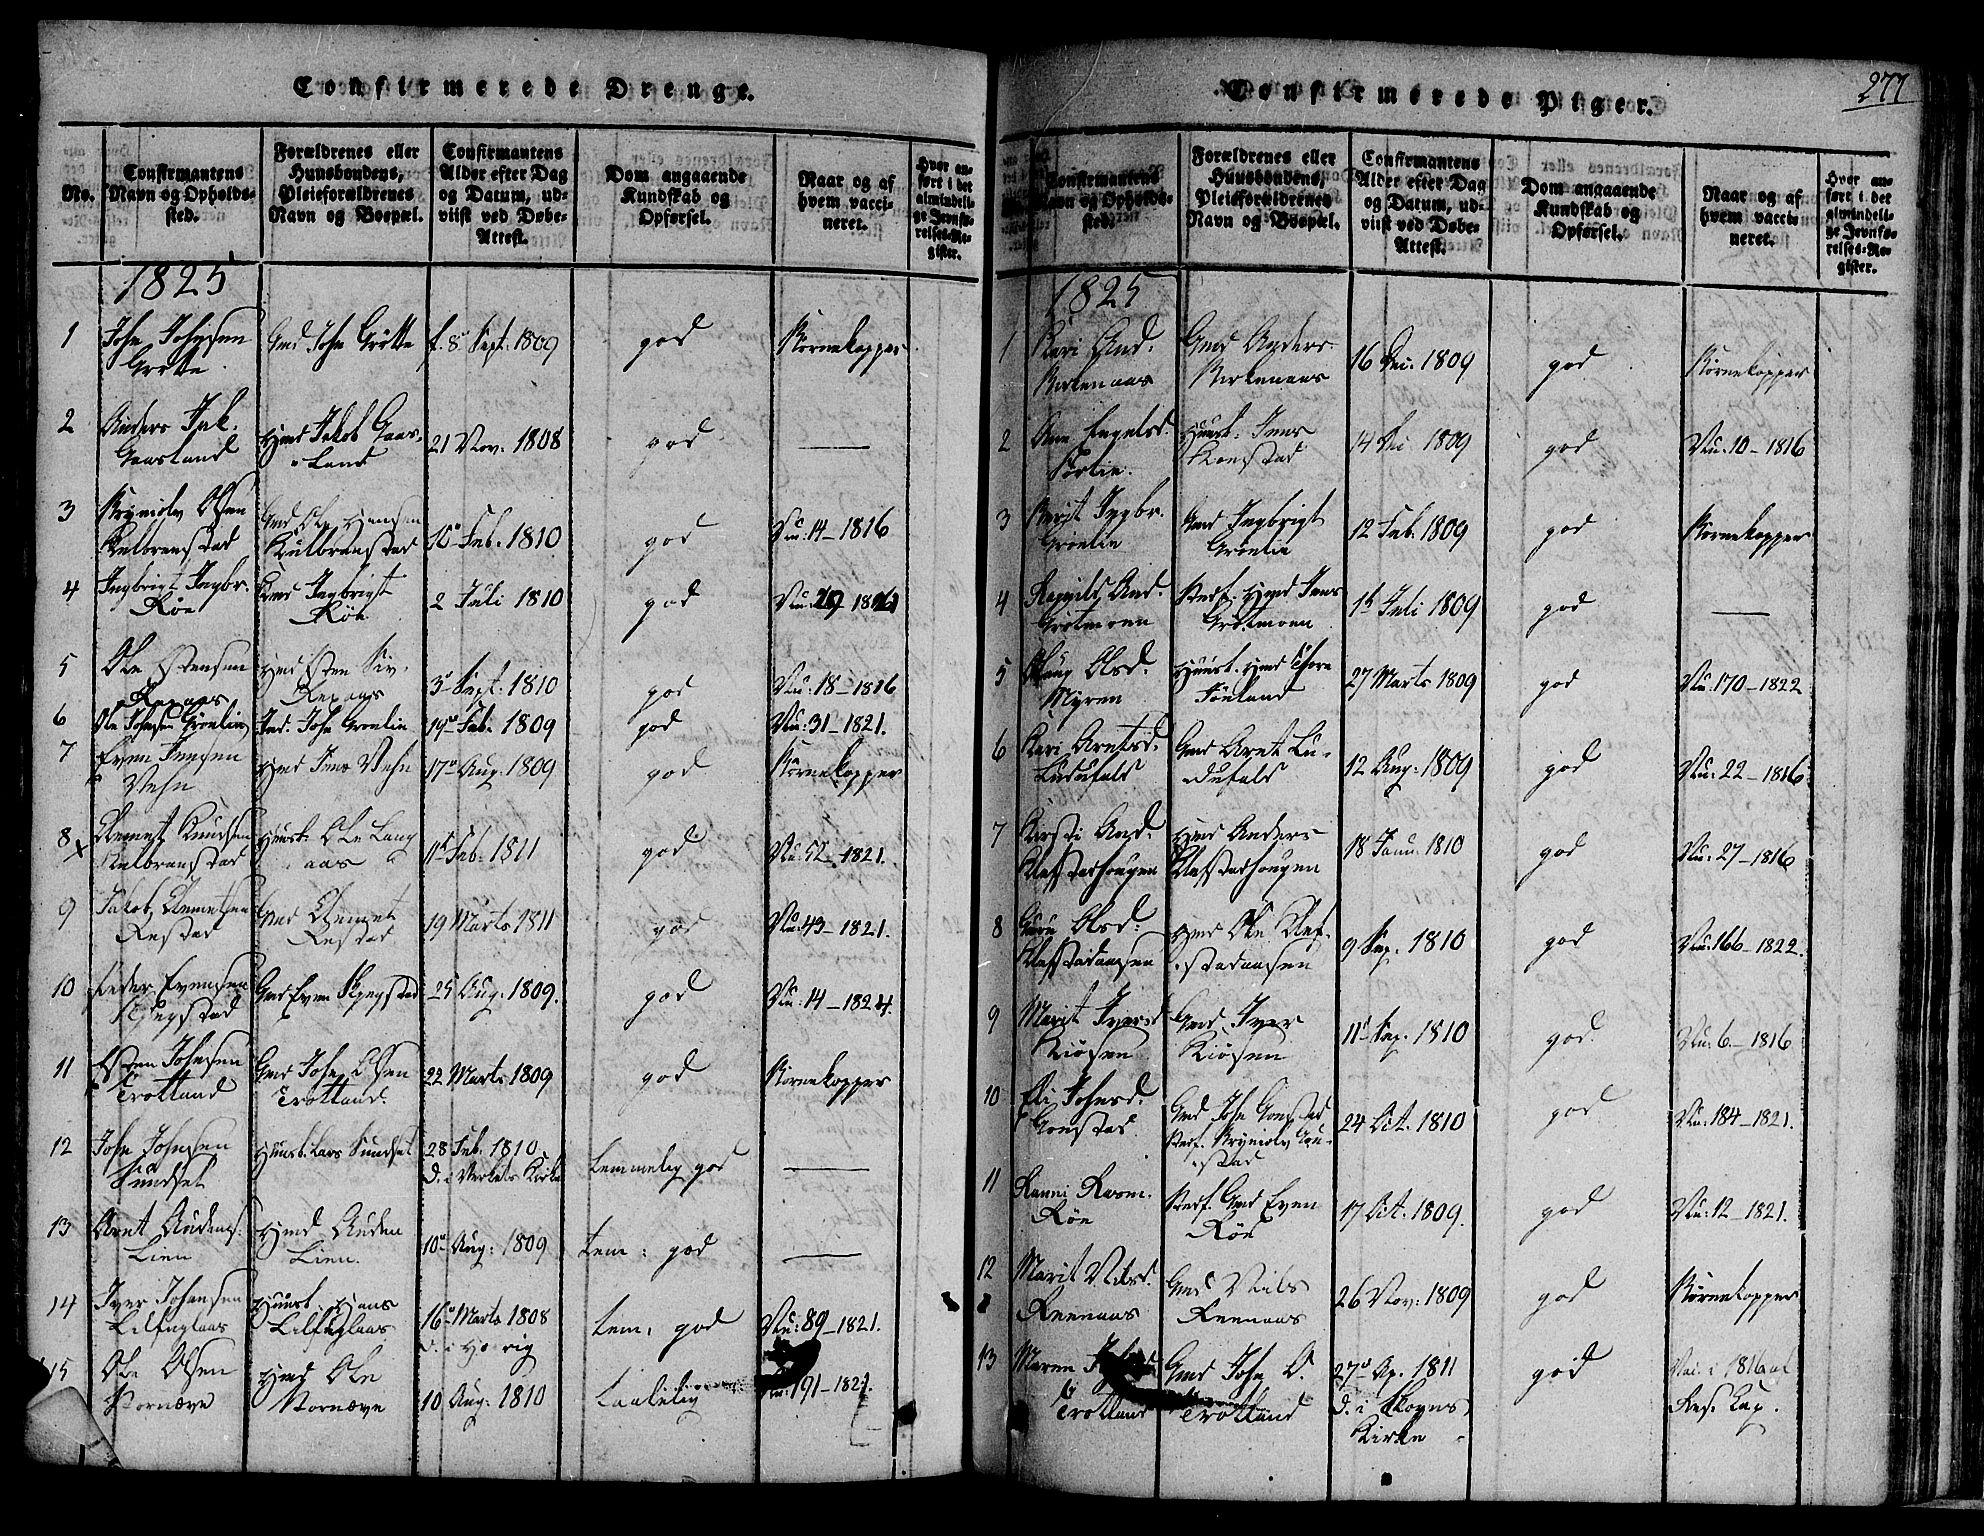 SAT, Ministerialprotokoller, klokkerbøker og fødselsregistre - Sør-Trøndelag, 691/L1068: Ministerialbok nr. 691A03 /4, 1816-1826, s. 277